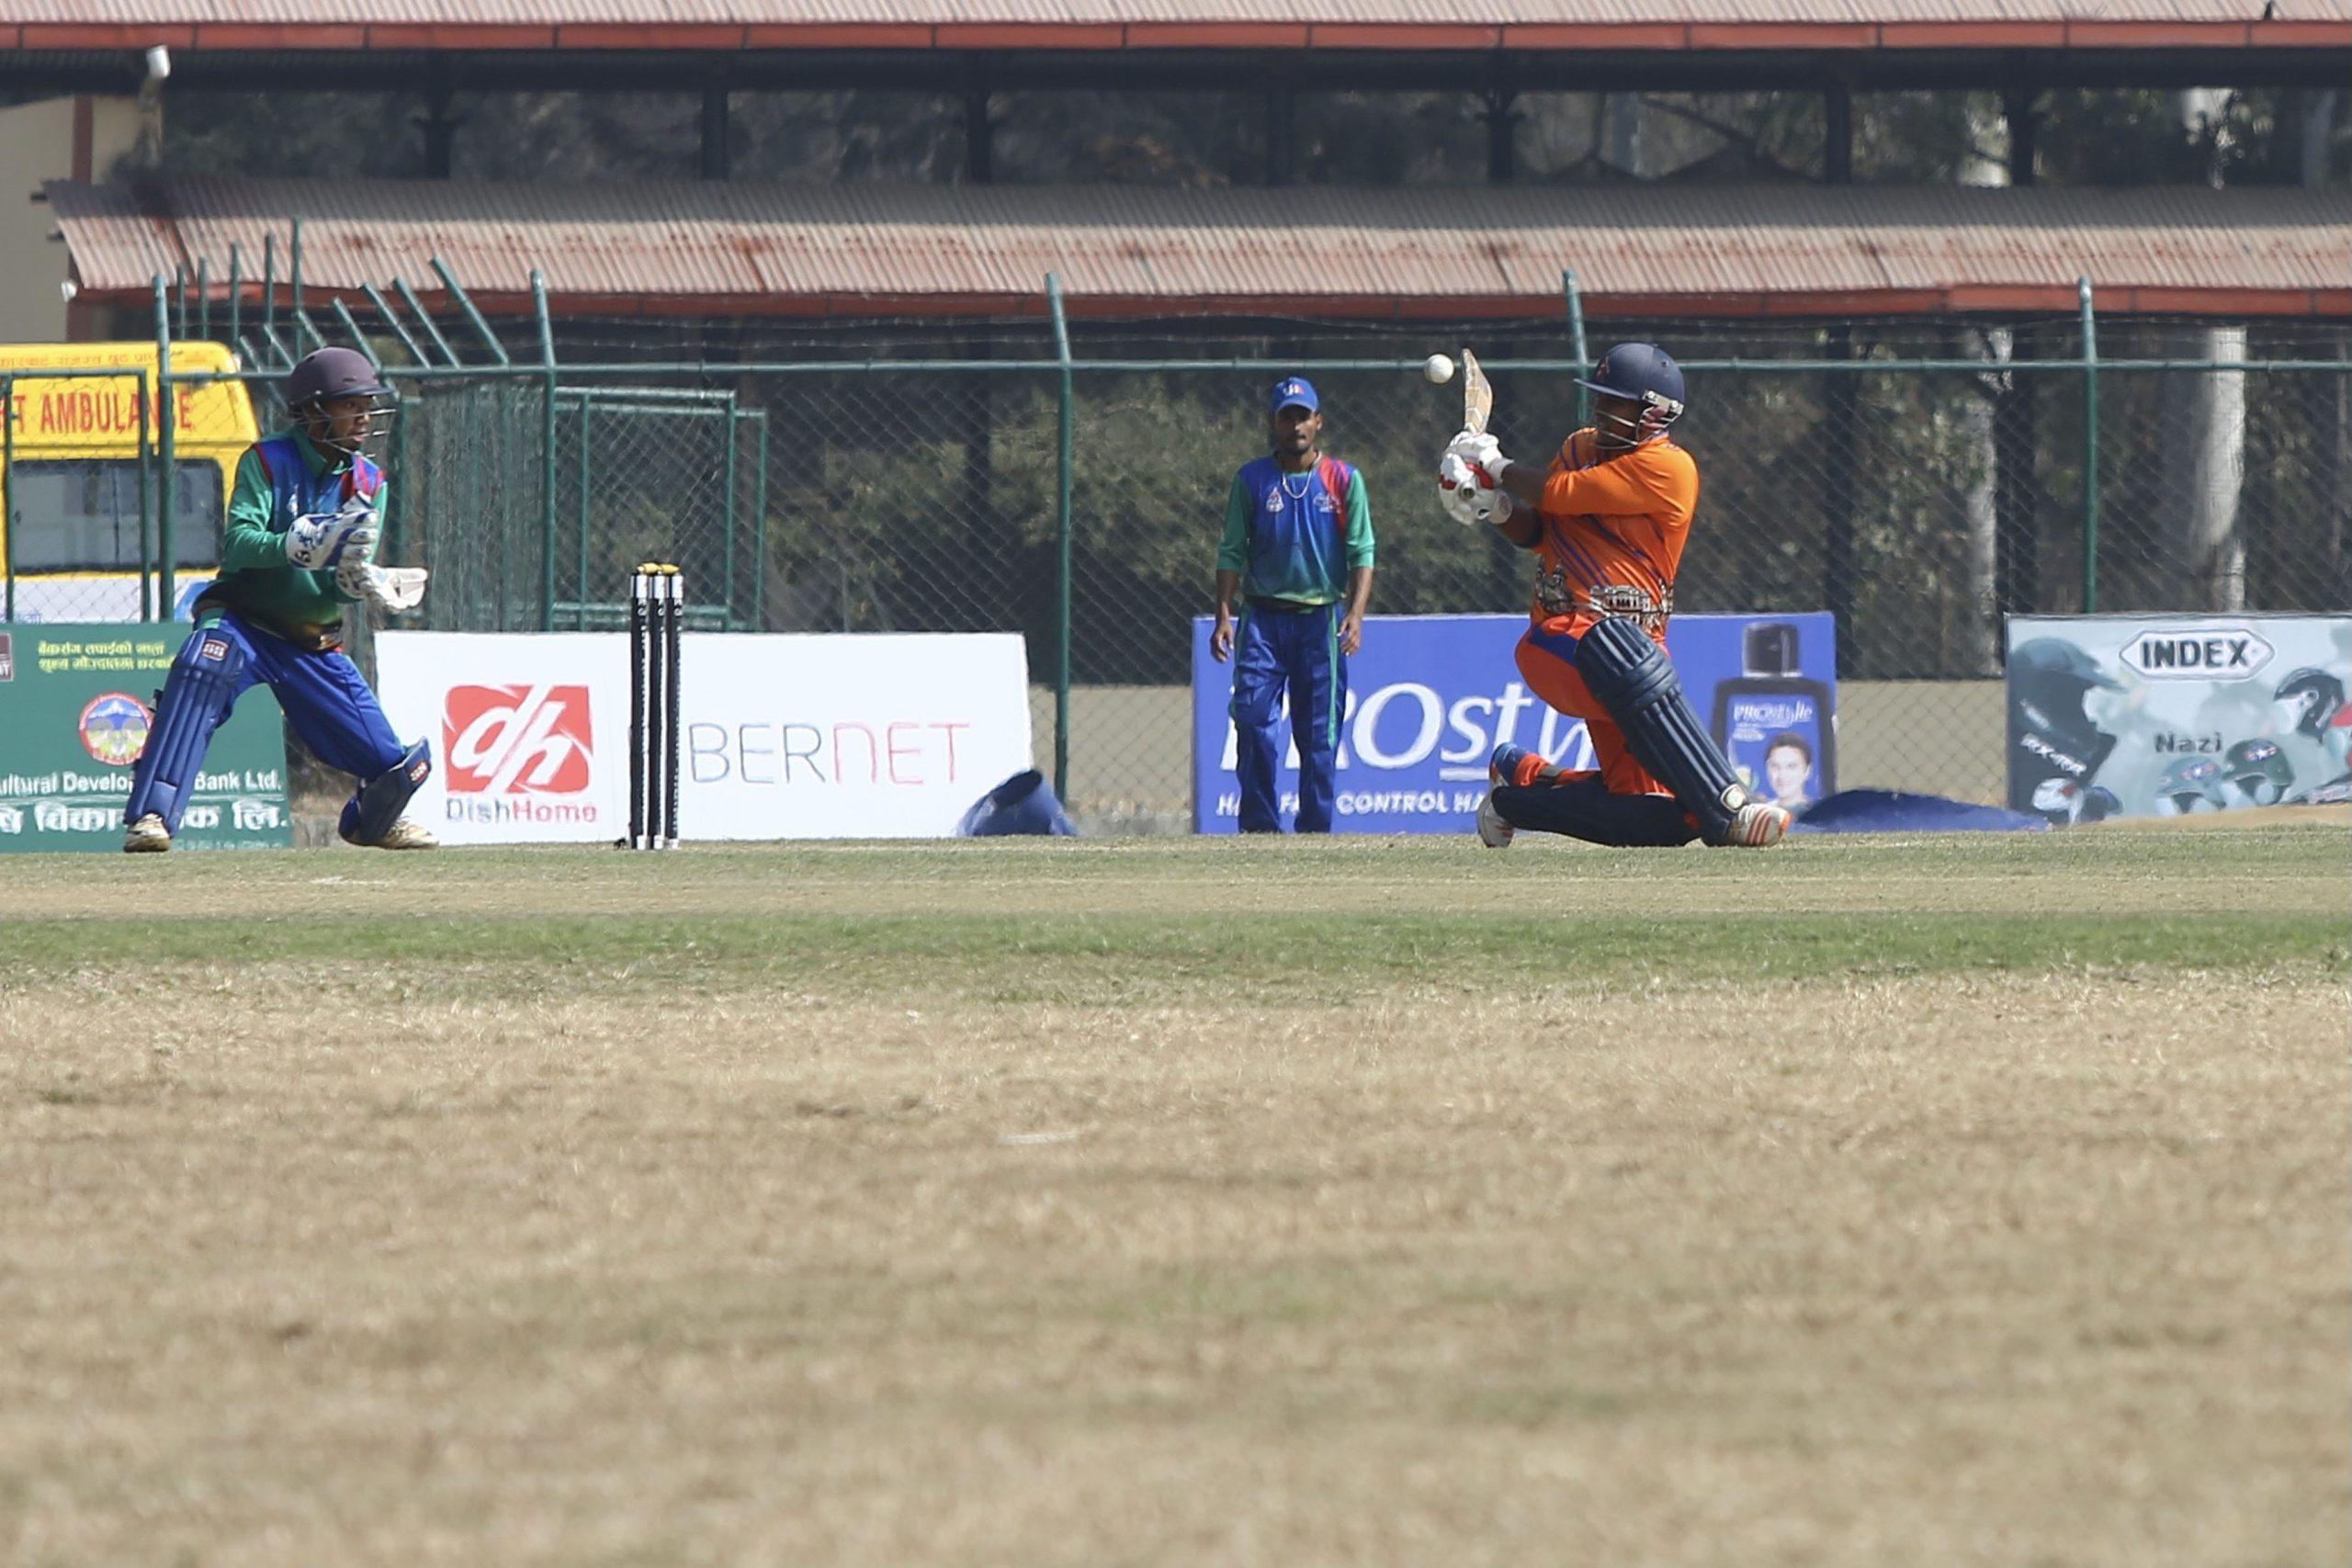 प्रधानमन्त्री कप क्रिकेटमा दुई खेल हुँदै